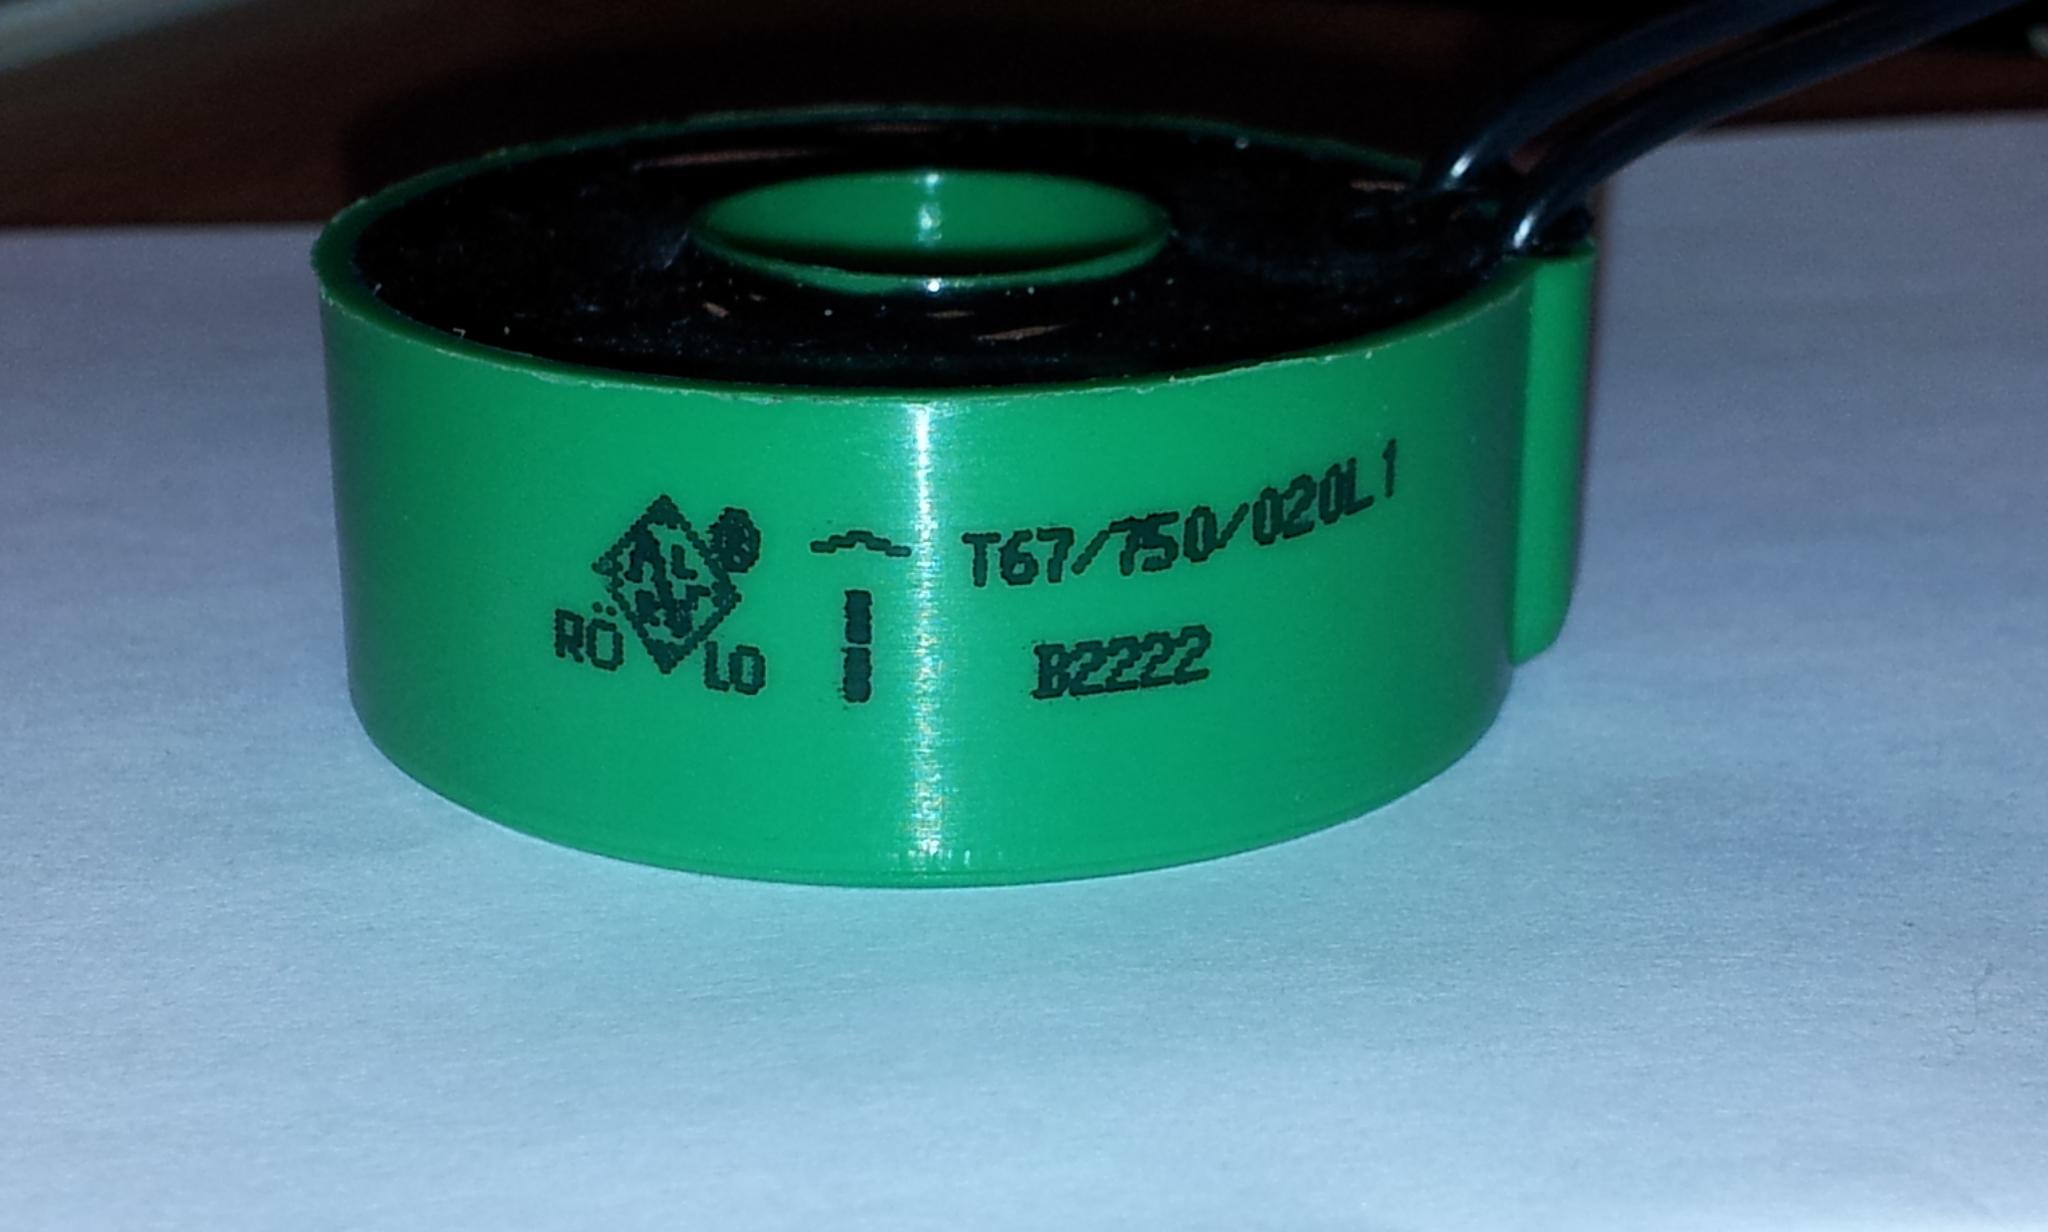 Cewka - Poszukuj� cewki do pomiaru parametr�w silnika elektrycznego